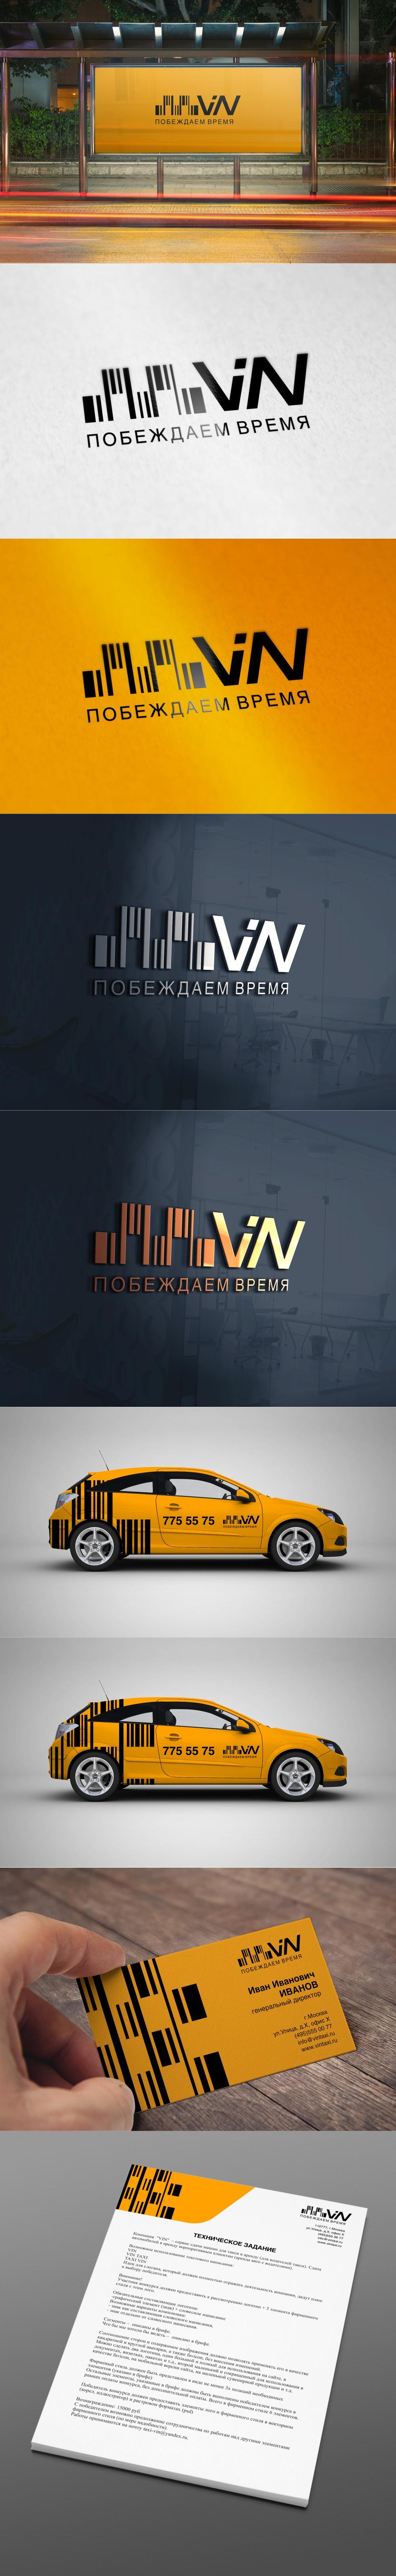 Разработка логотипа и фирменного стиля для такси фото f_2955b9a051d51390.jpg